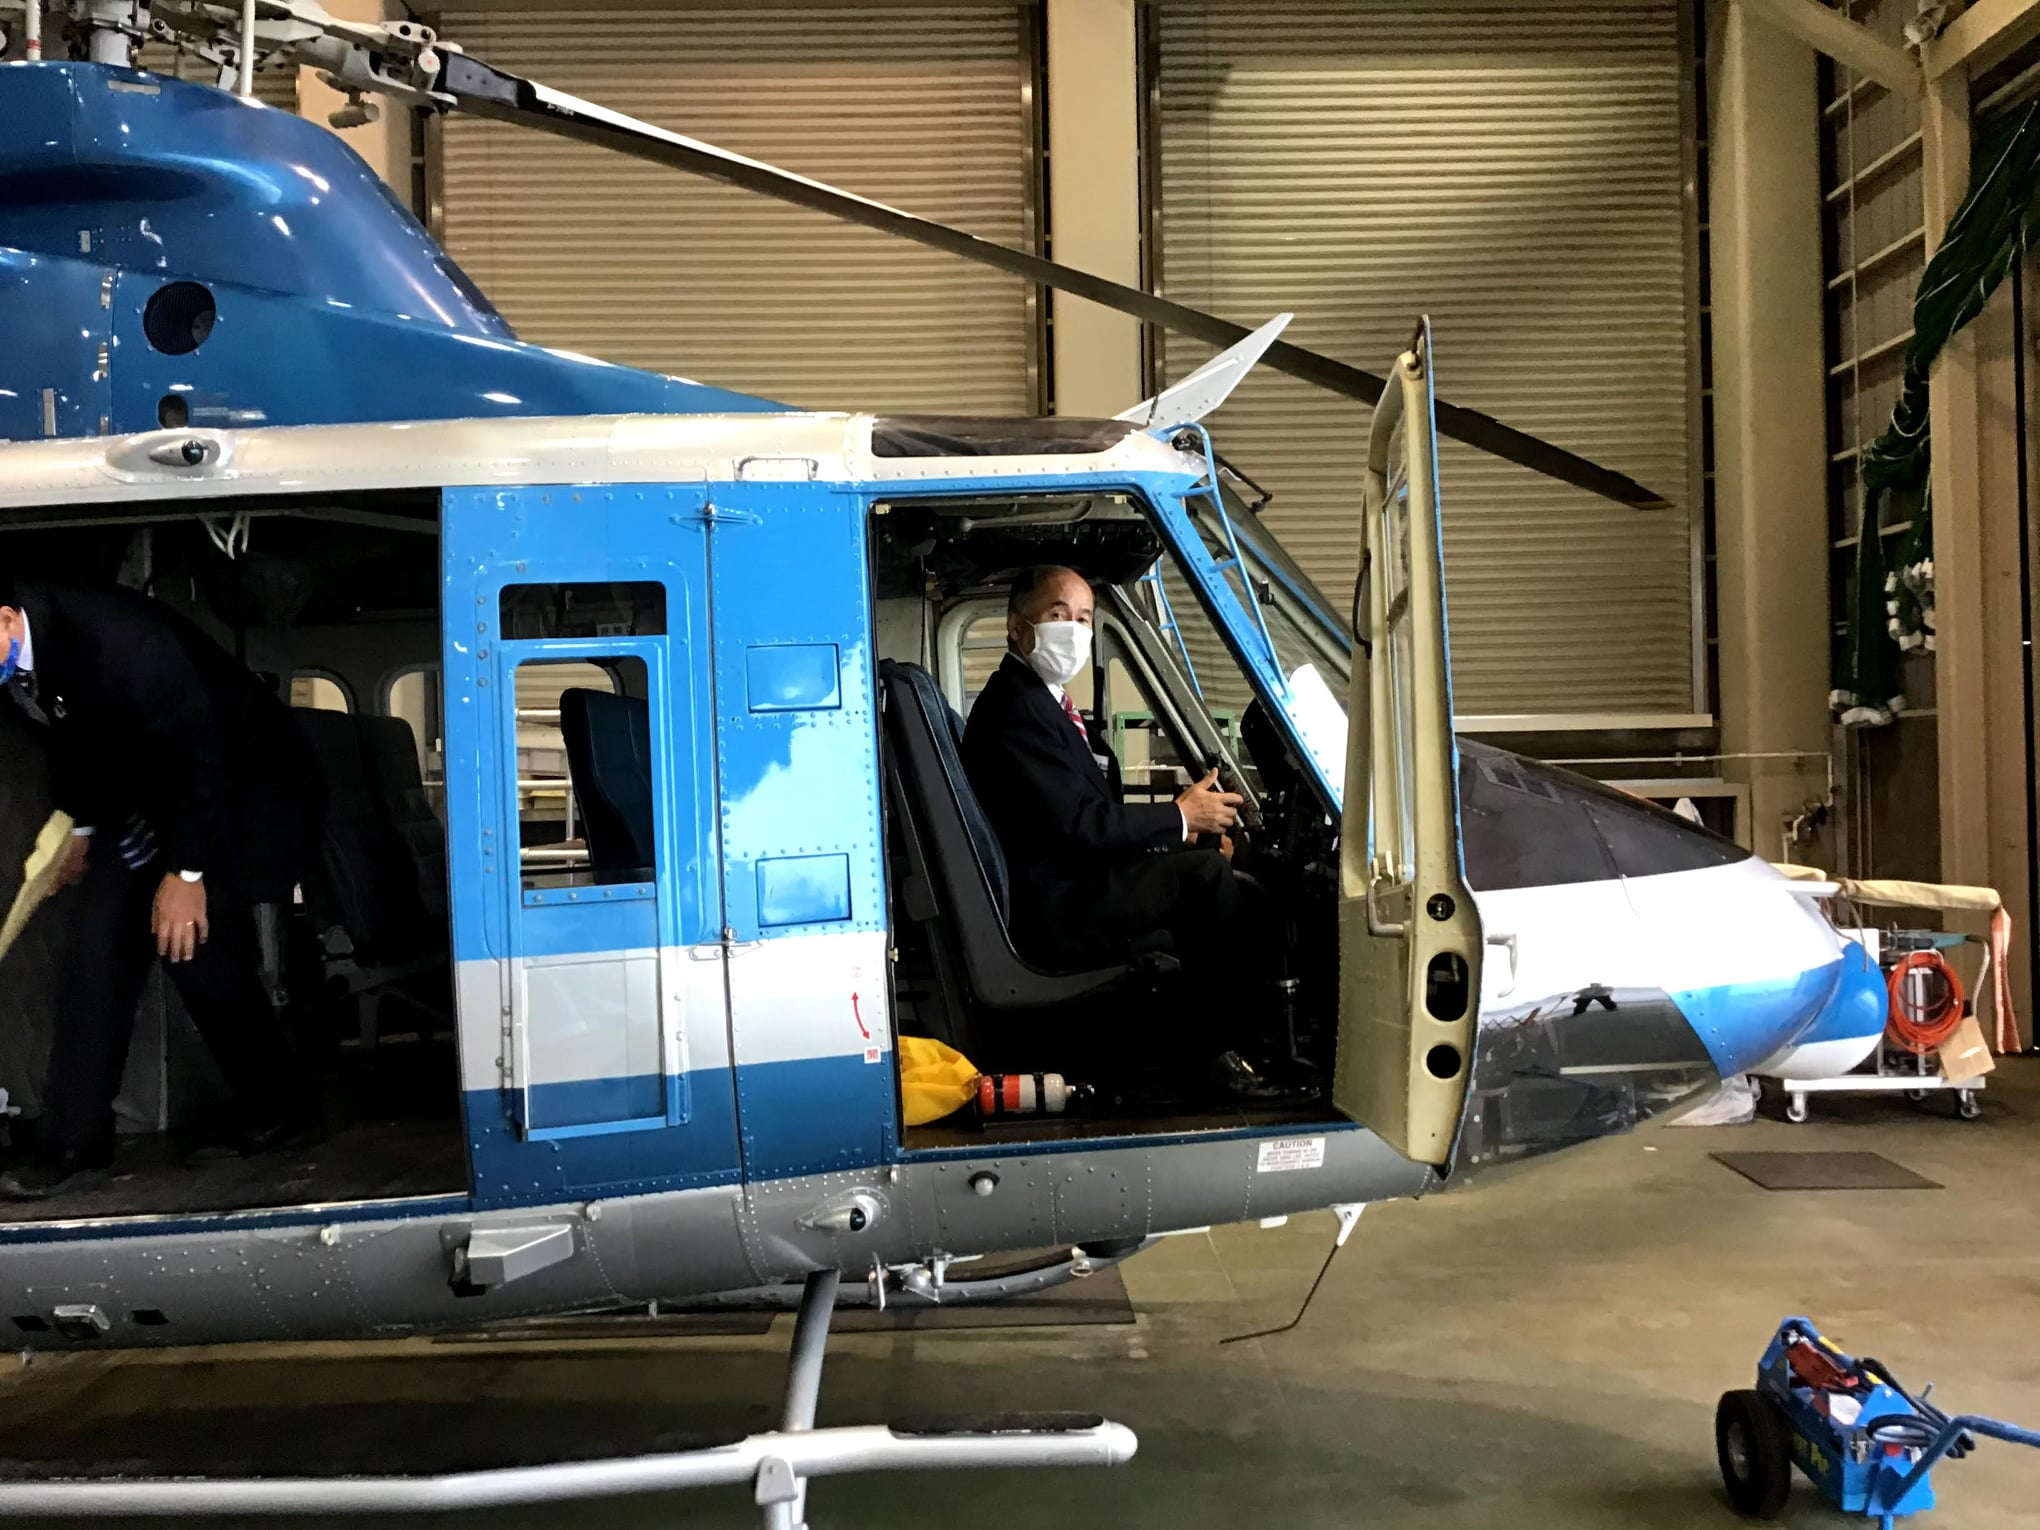 知県警察航空隊の活動内容をお聞きしました。4機のヘリコプターを保有し、初動警察活動や災害派遣に活躍しています。特に近年、問題となっている「あおり運転の上空からの追跡捜査」において、地上のパトカーと連携し、交通違反取締に活躍しているとの報告を受けました。